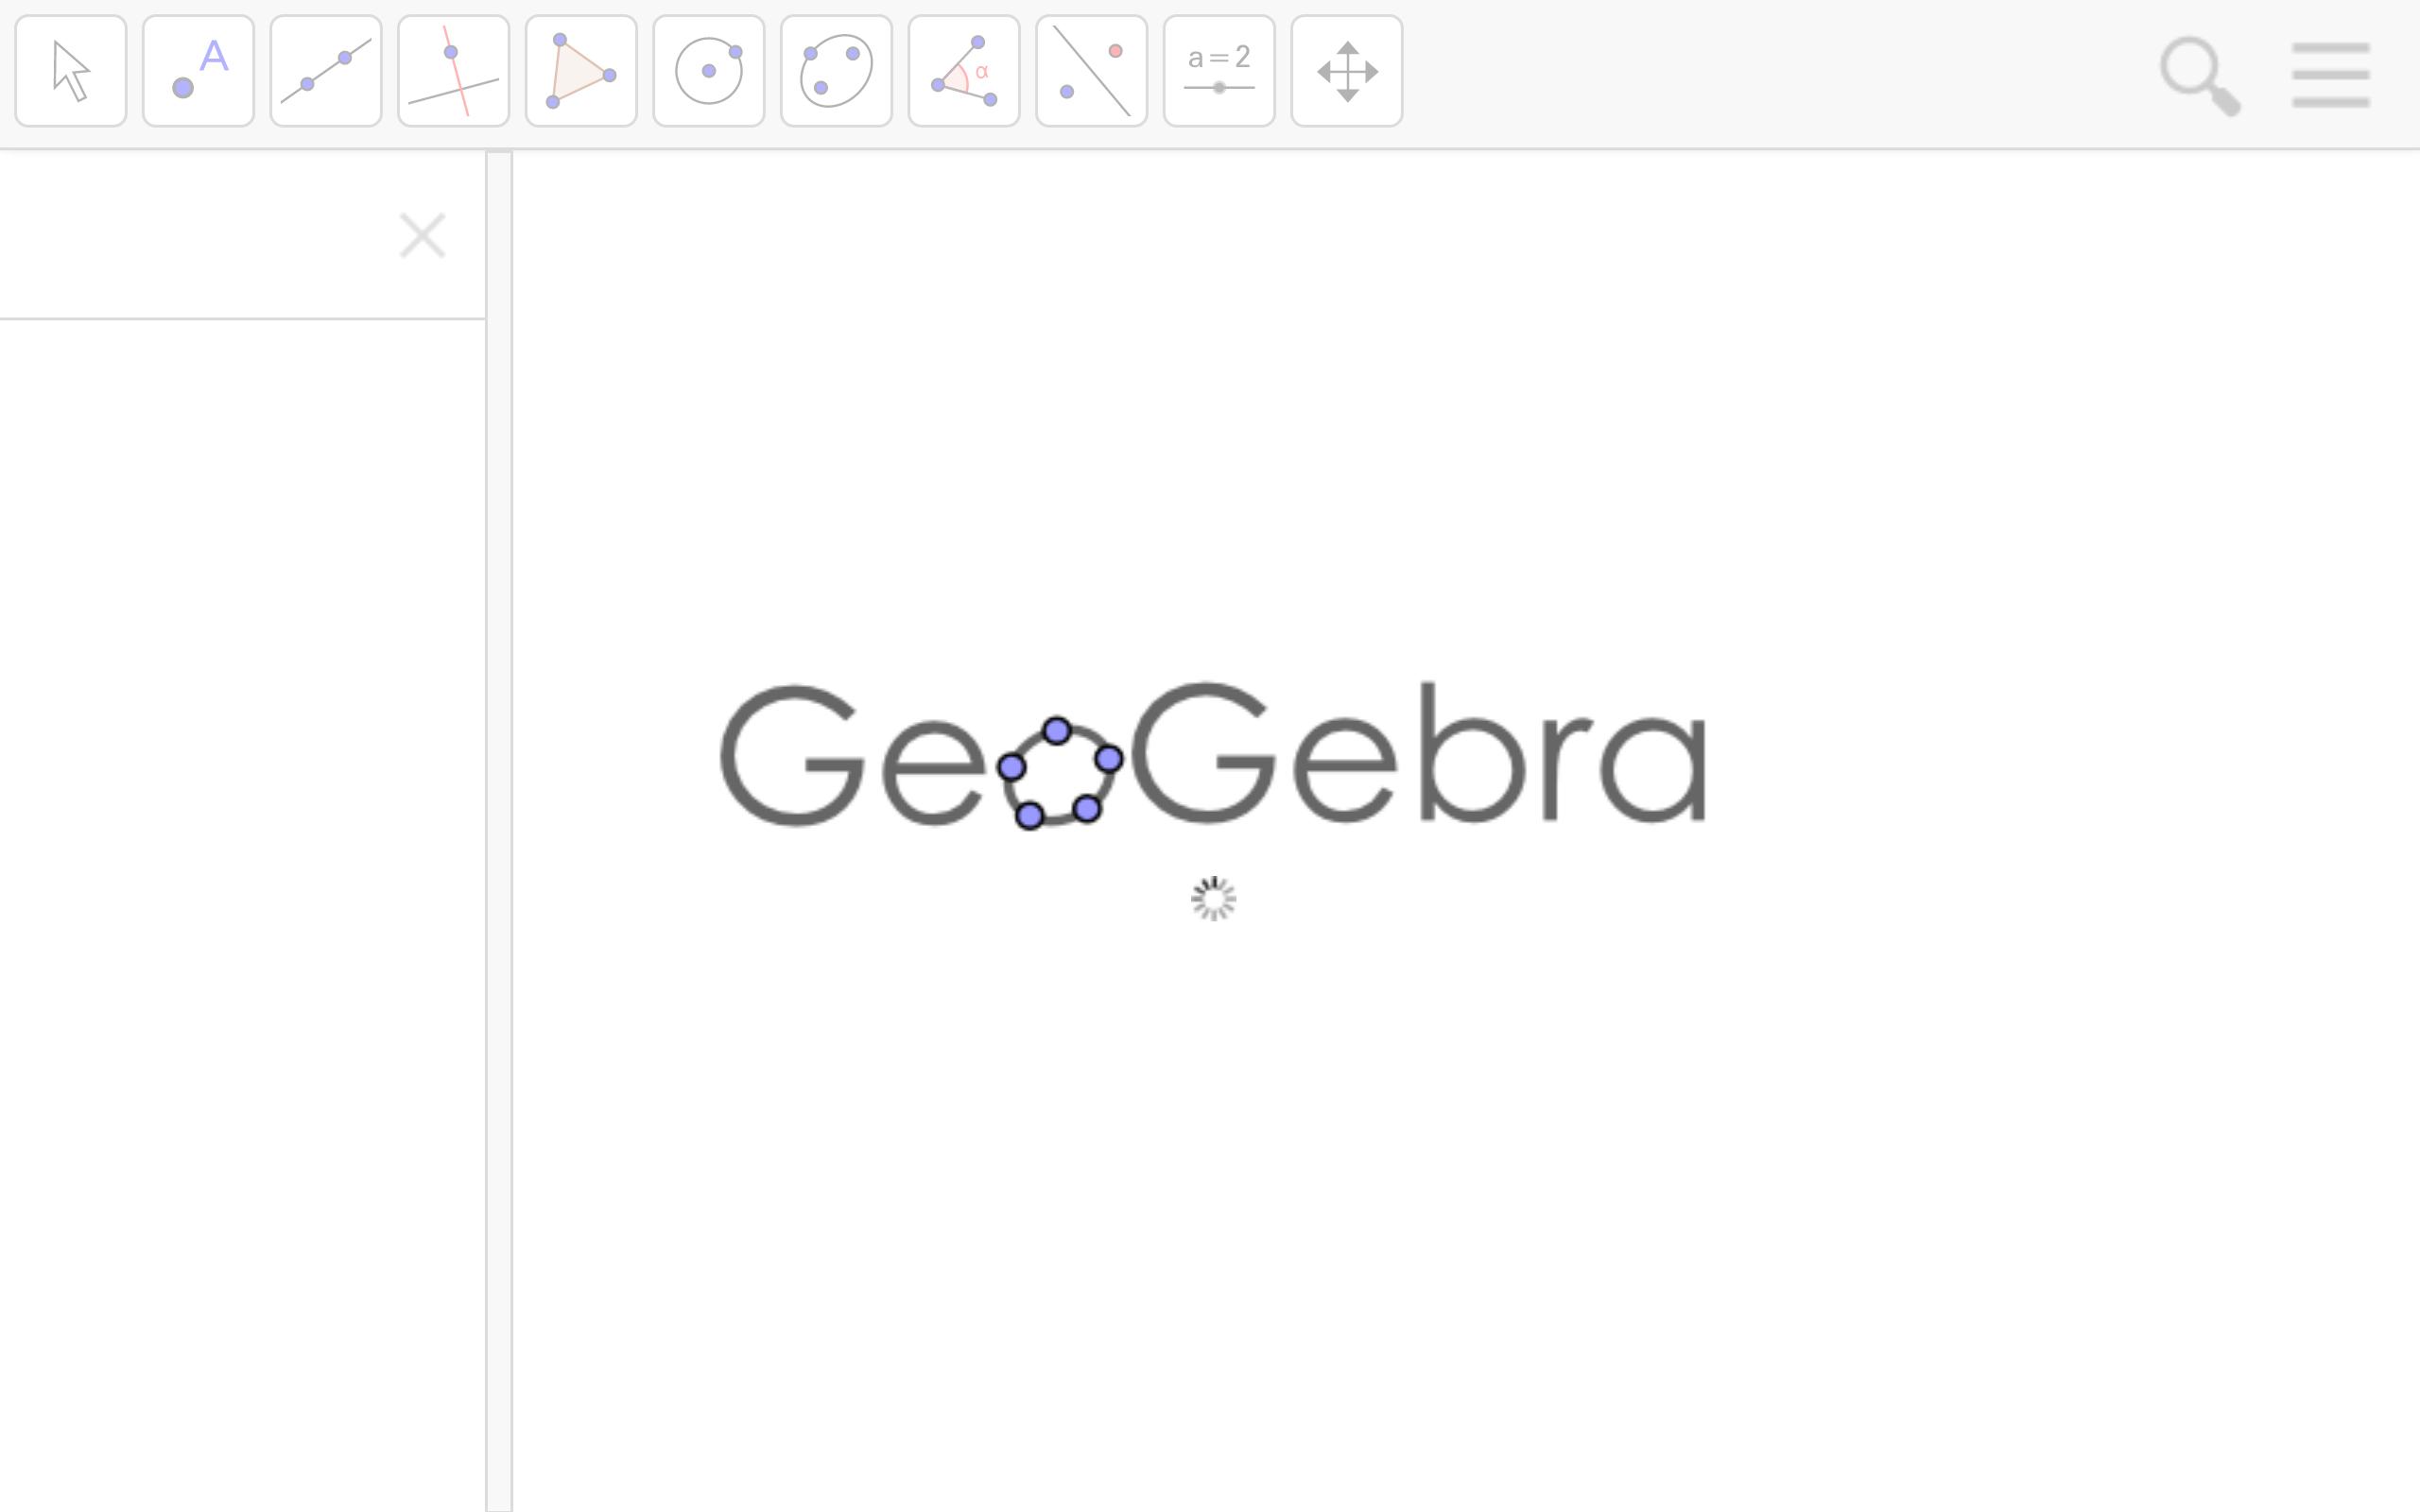 【分享】Geogebra经典 v5.0.507.0 - 数学工具